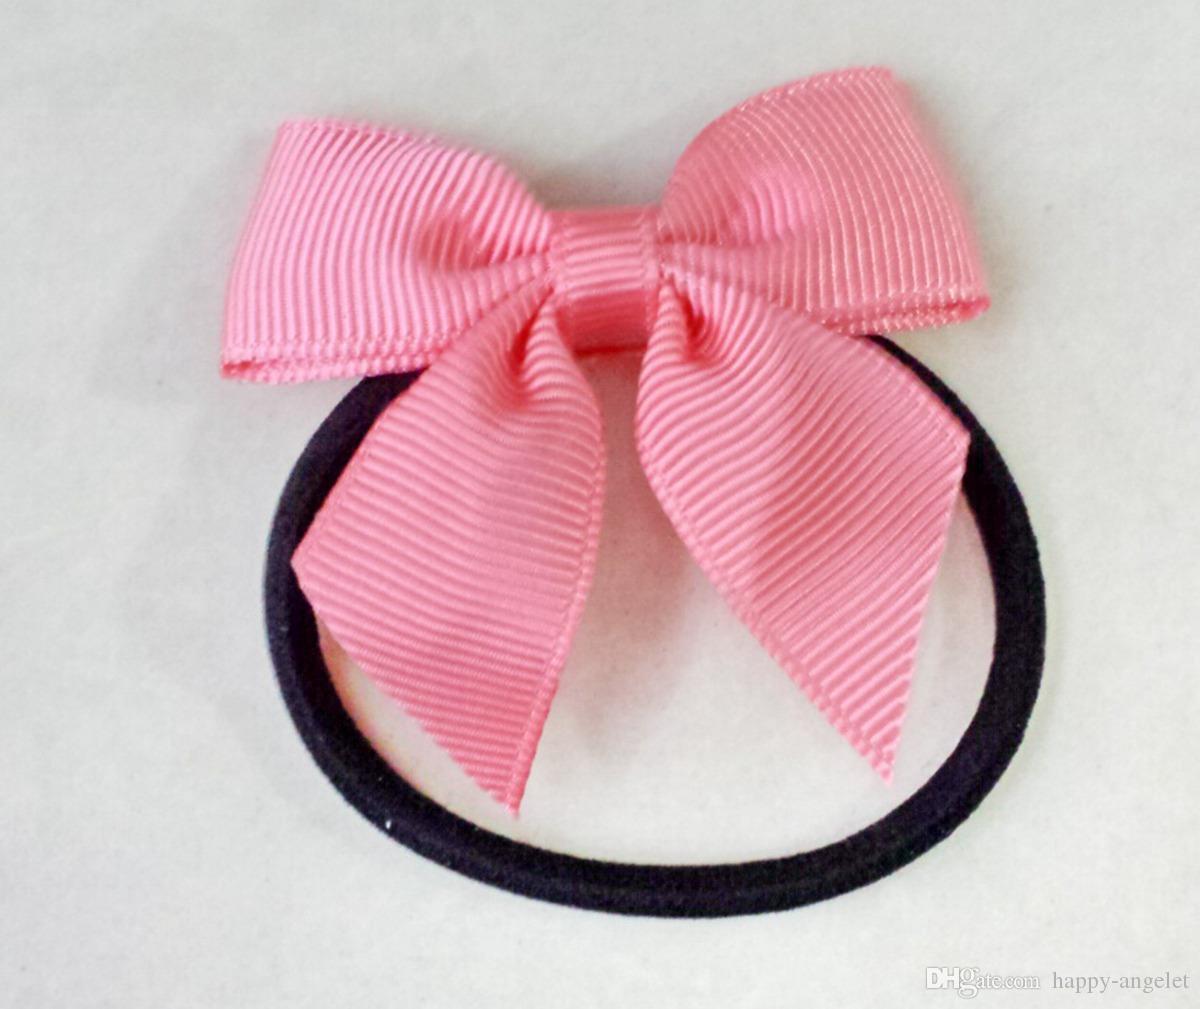 Kinderhaarschmuck Haar beugt Clips Mädchens Ripsband Mini Bogen Bowknothaarnadel Kopfbedeckung HD3303